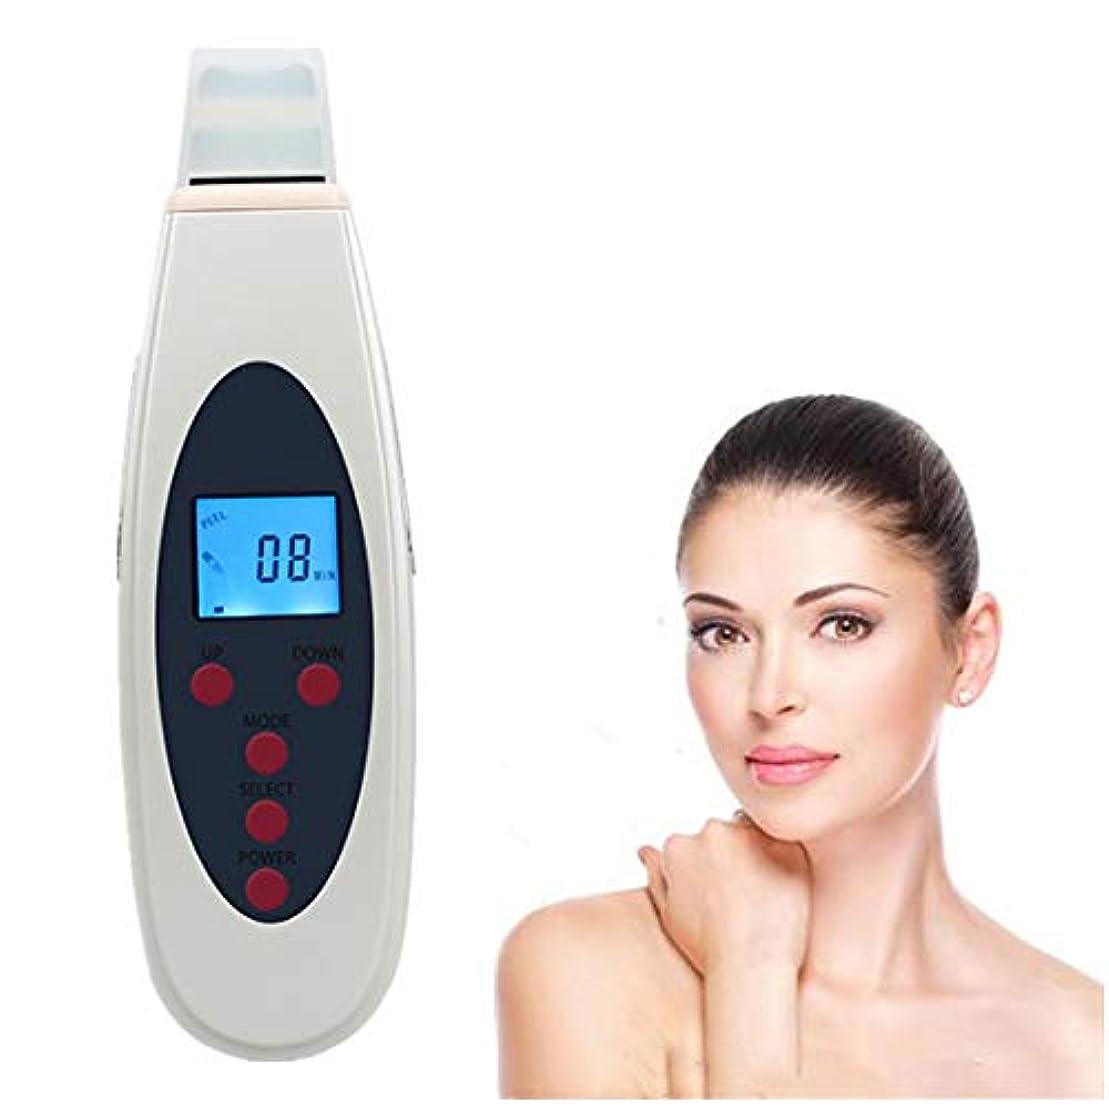 ギャップ本能電圧ツール電気フェイス超音波クリーナーピーリング顔の皮膚のスクラバーブラックヘッドリムーバーにきびExtractorのEMSスキンケアマッサージャーUSB充電式美容ツールフェイシャルマッサージリフティング